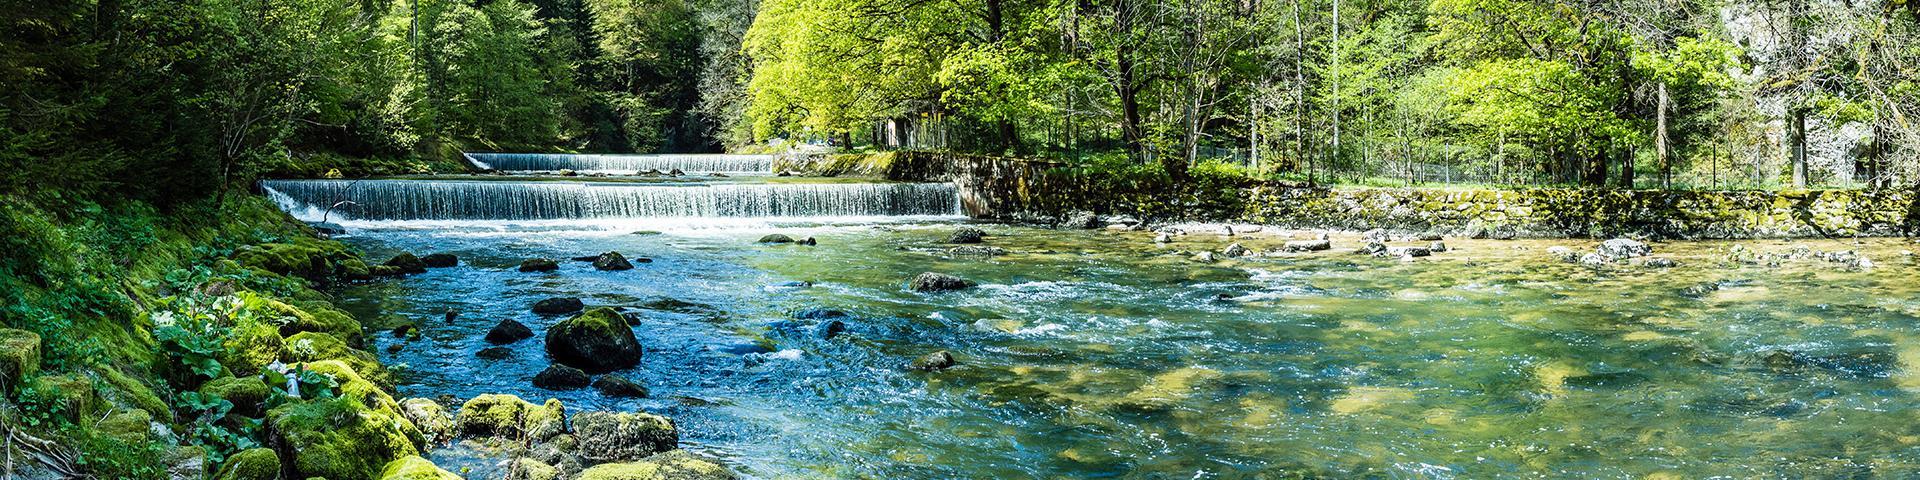 L'Areuse, rivière en Suisse